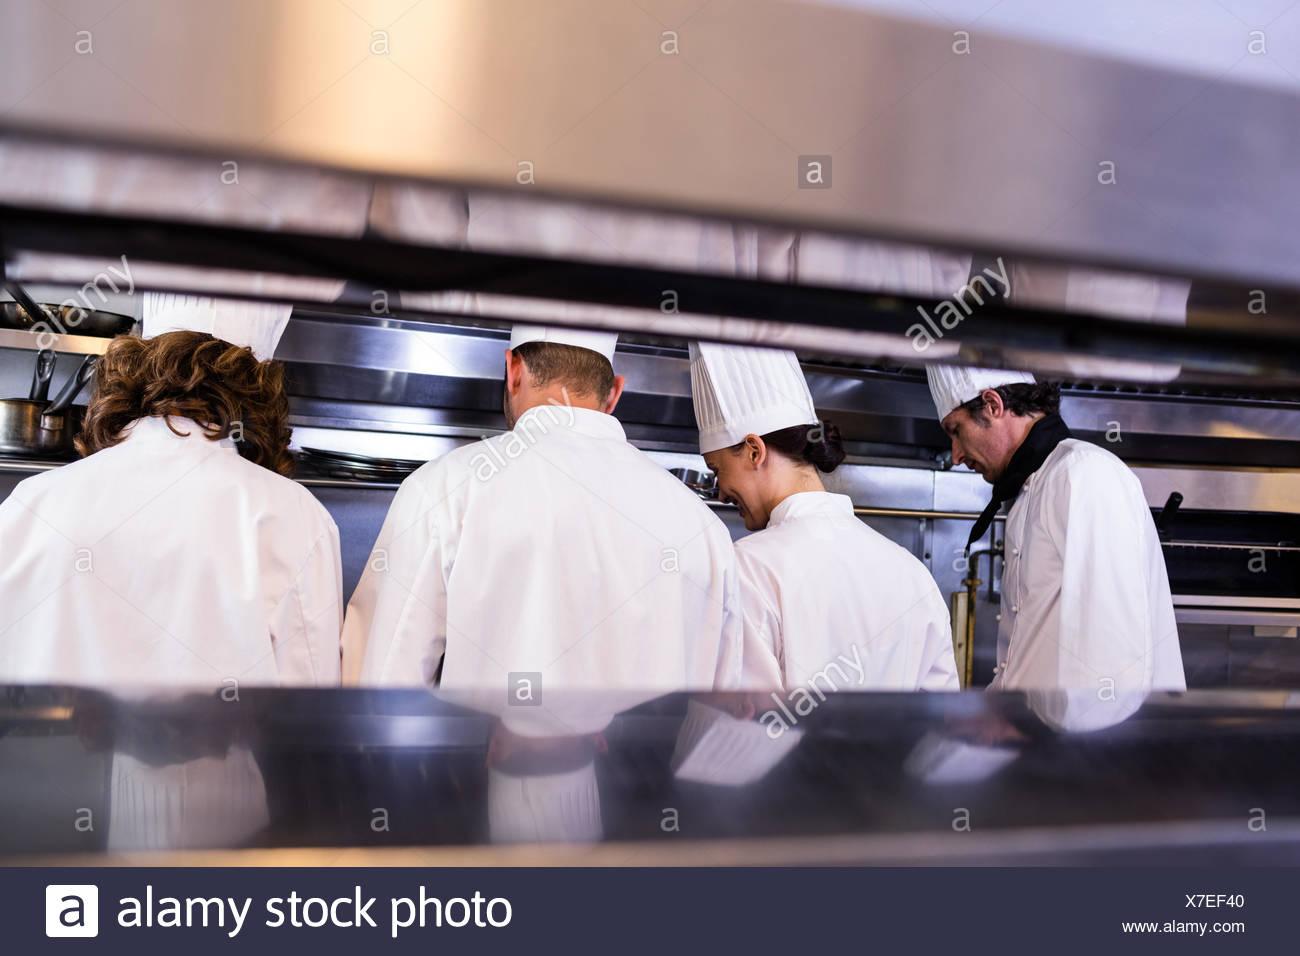 Groupe des chefs en uniforme blanc occupé pour la préparation des aliments Photo Stock